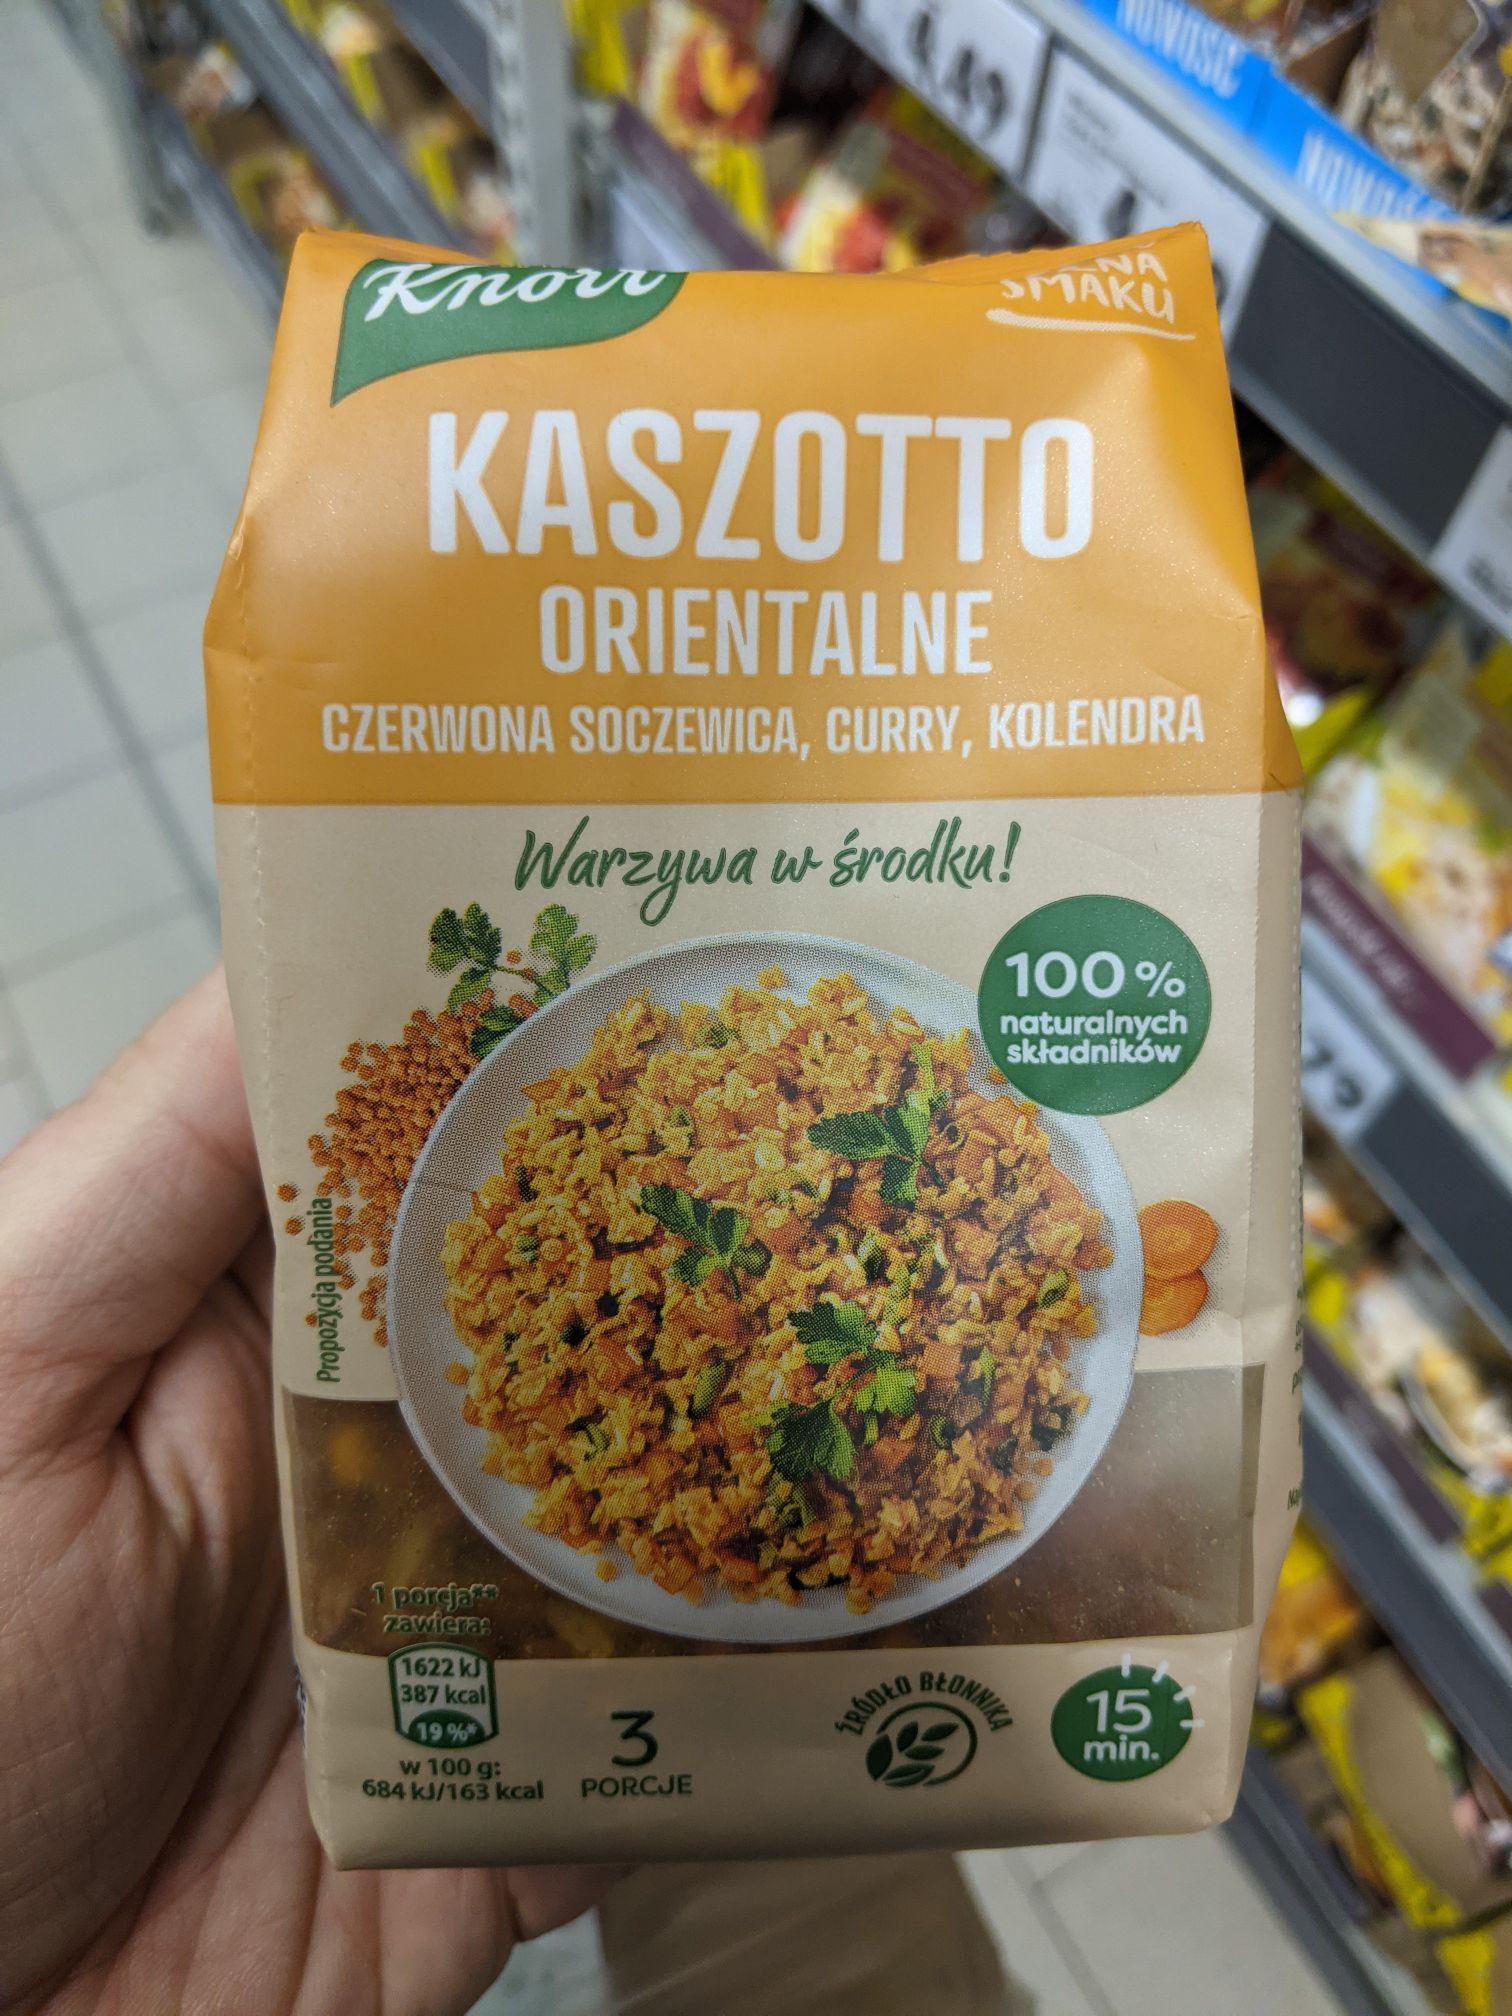 Knorr Kasza Pełna Smaku Kaszotto Orientalne 150 g, Kaufland Sosnowiec